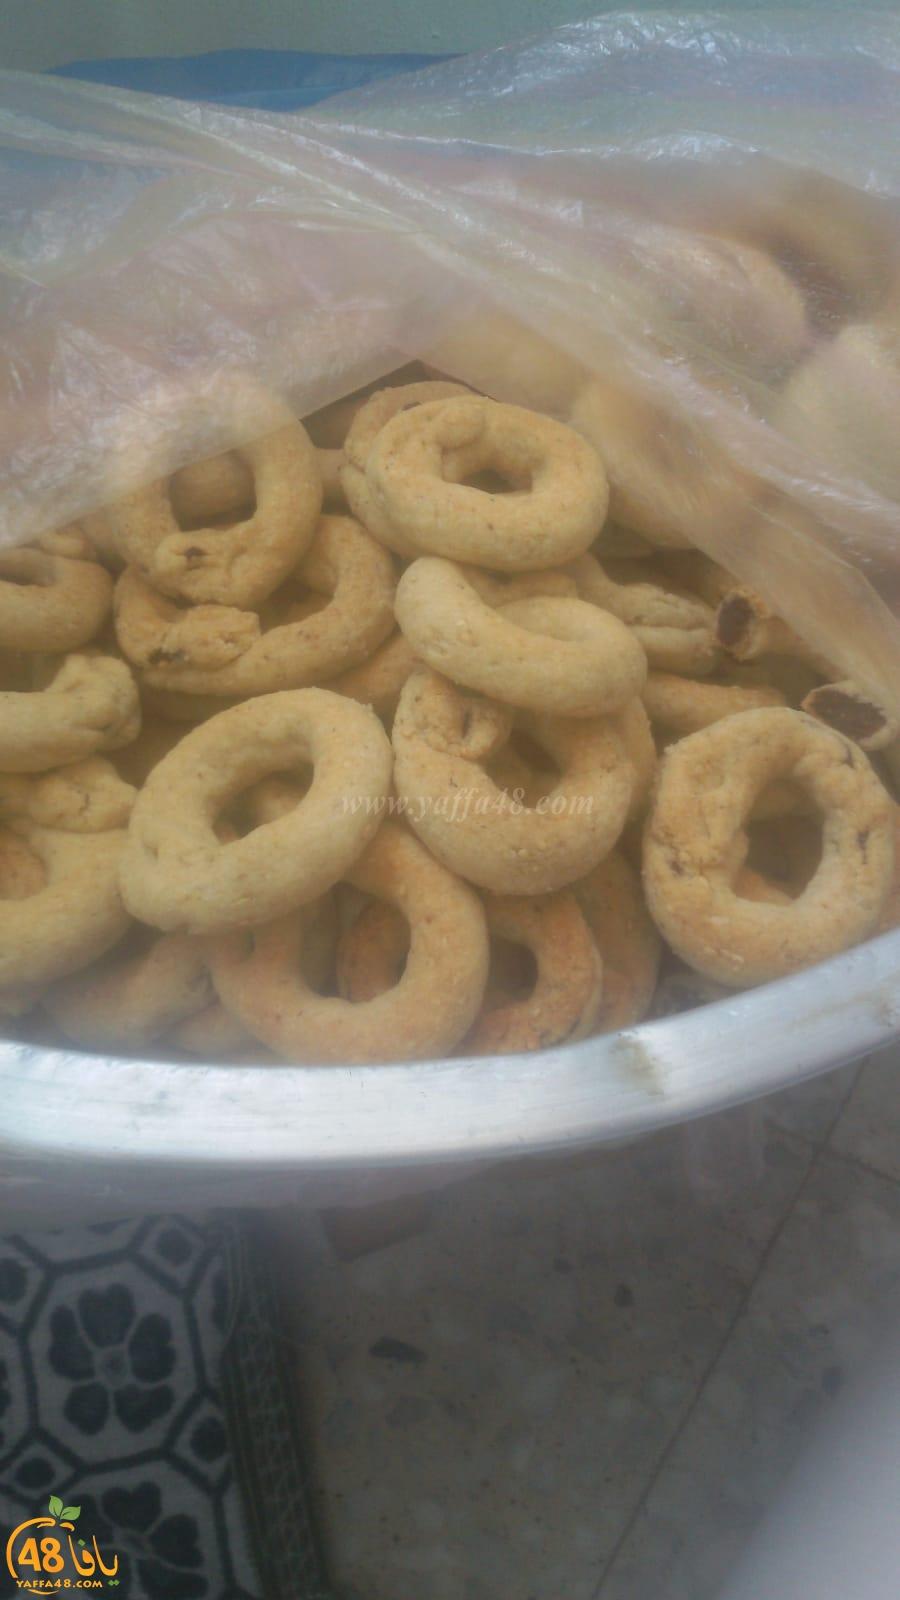 صور من استعدادات اهالي يافا والمنطقة لاستقبال العيد بالكعك والمعمول